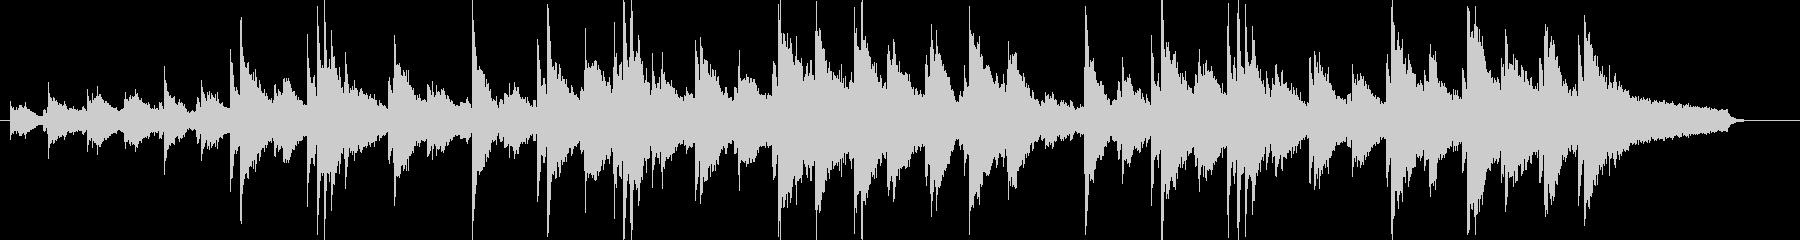 力強いピアノサウンドの未再生の波形